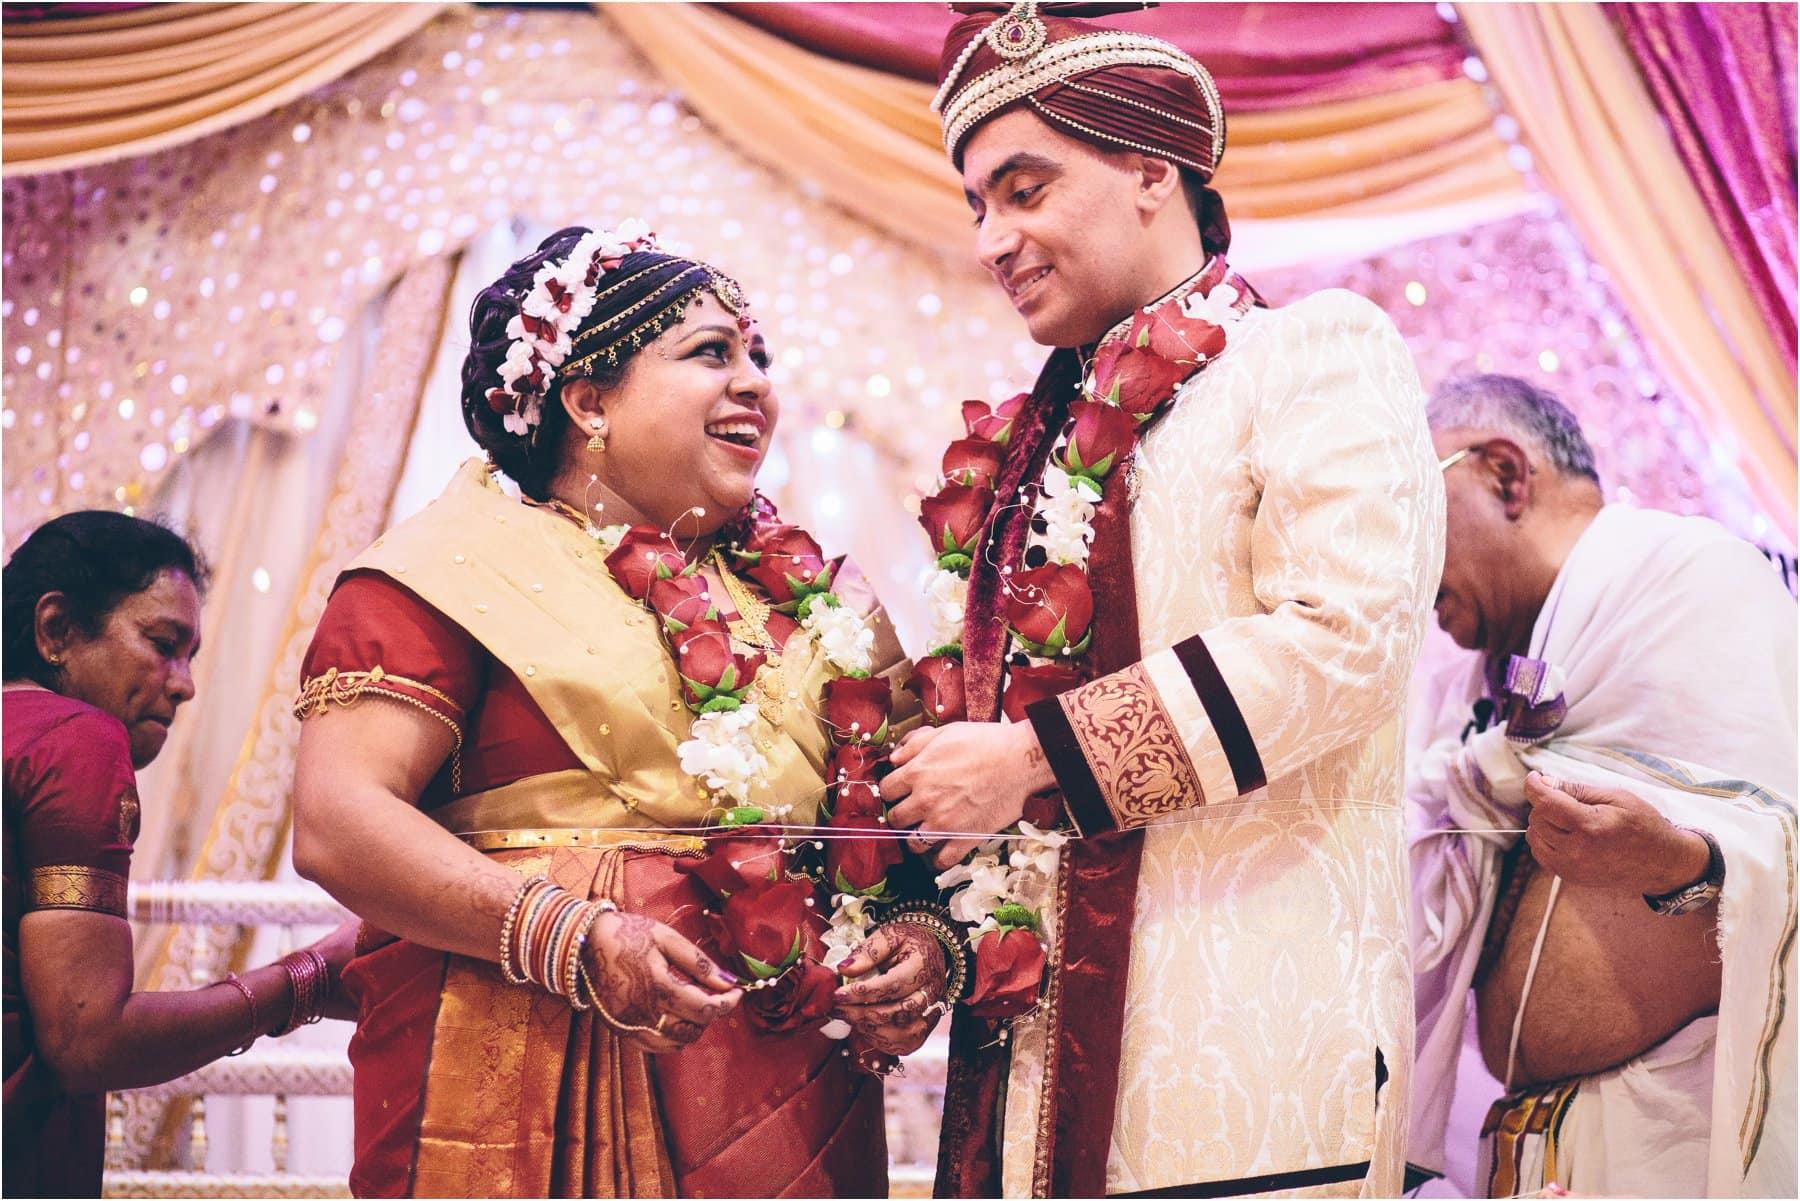 Lancashire_Indian_Wedding_Photography_0098